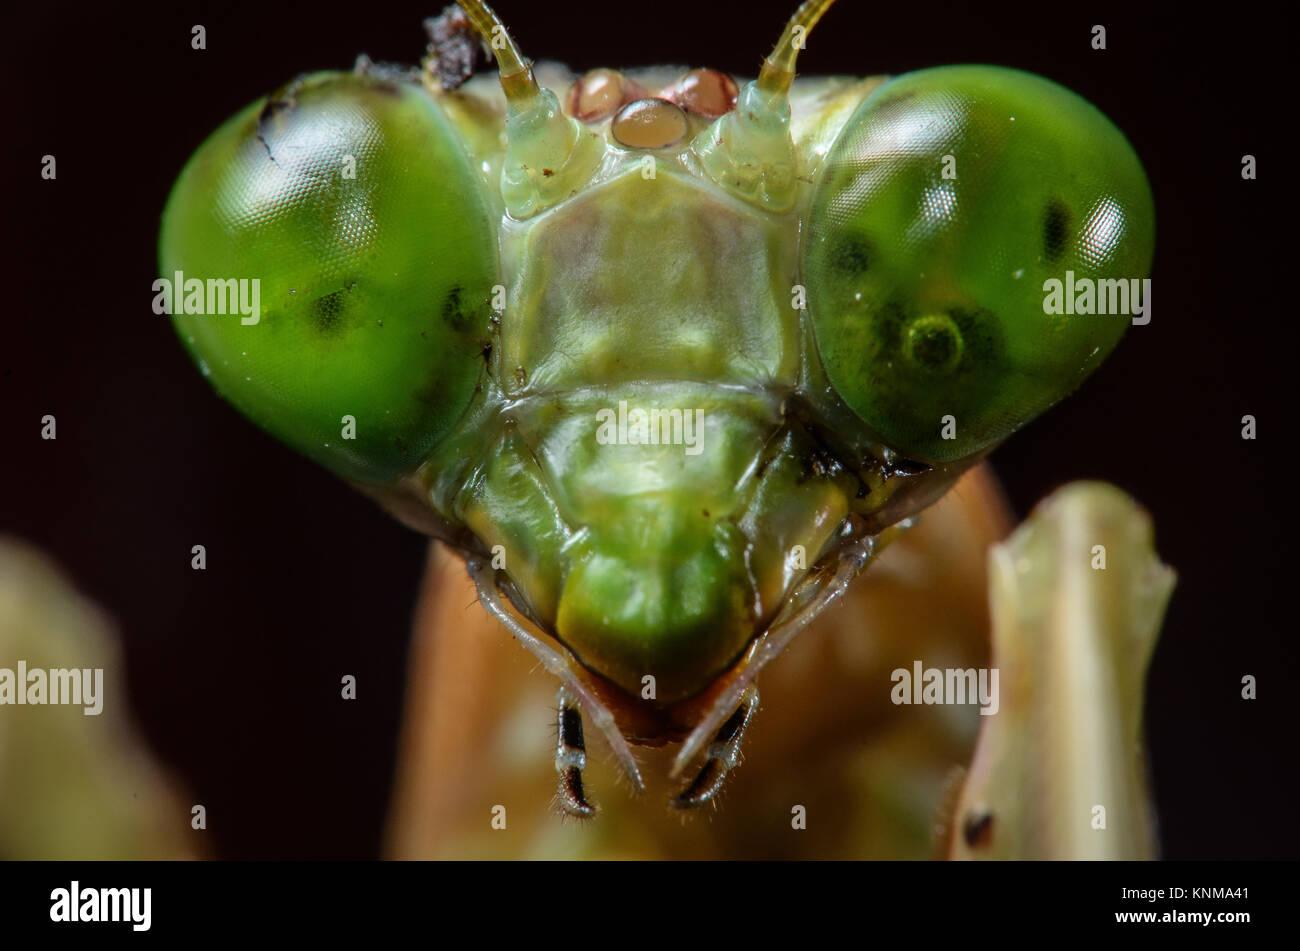 Green praying mantis in close up macro photo. - Stock Image